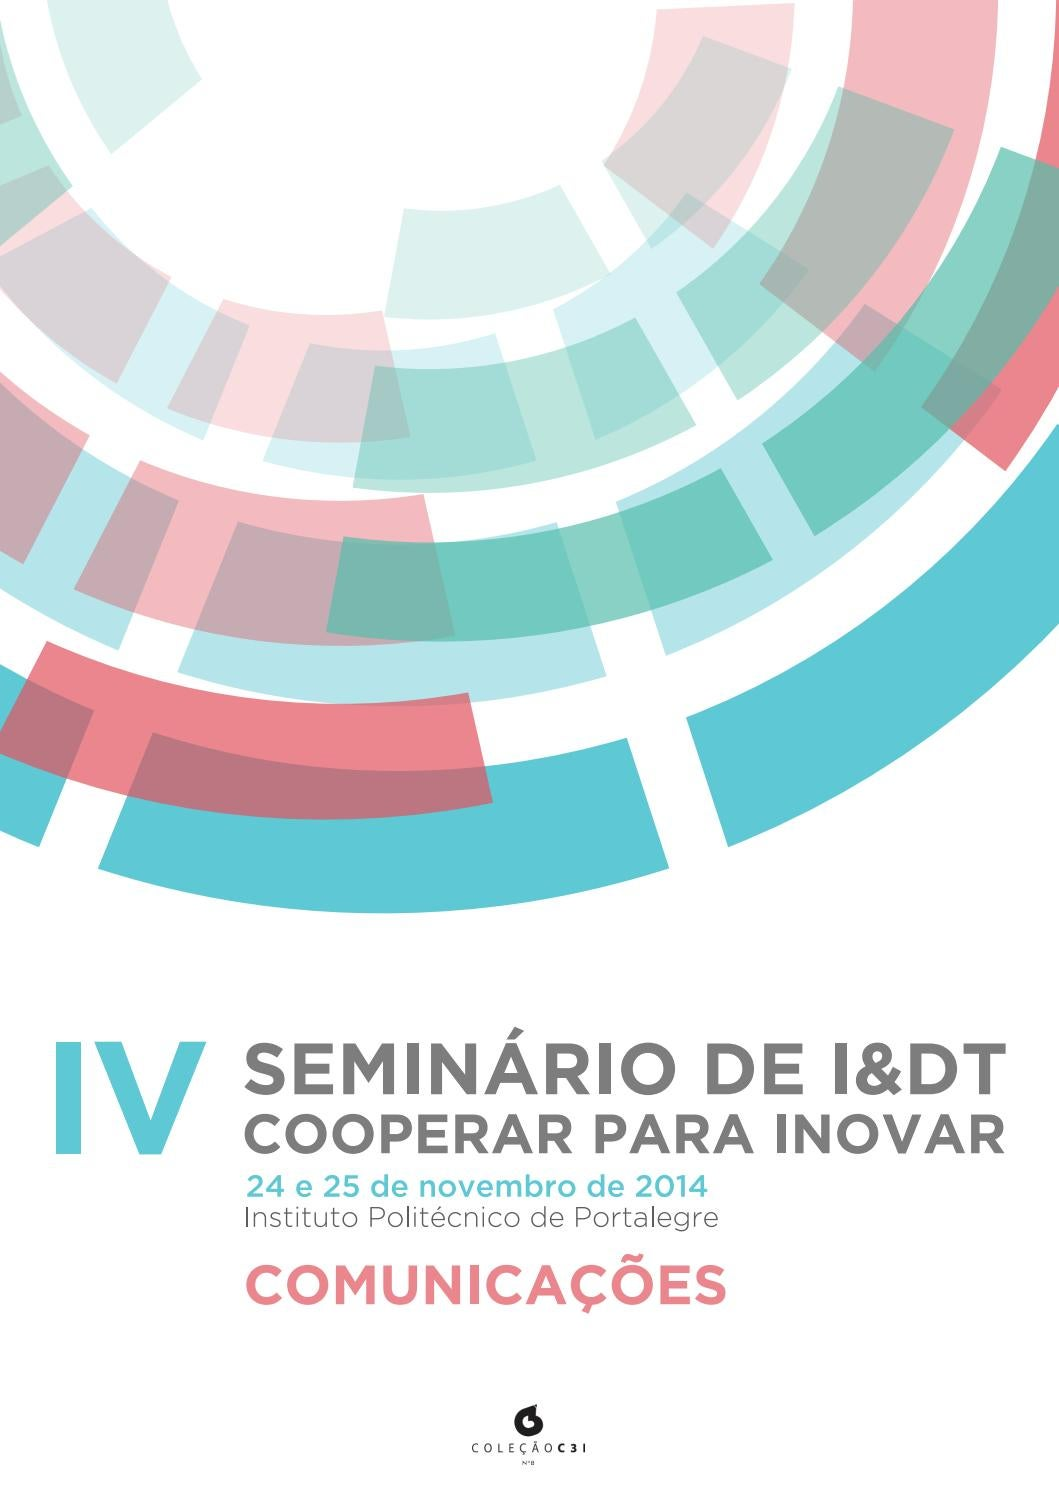 Iv seminrio de idt cooperar para inovar by c3i ipp issuu fandeluxe Choice Image